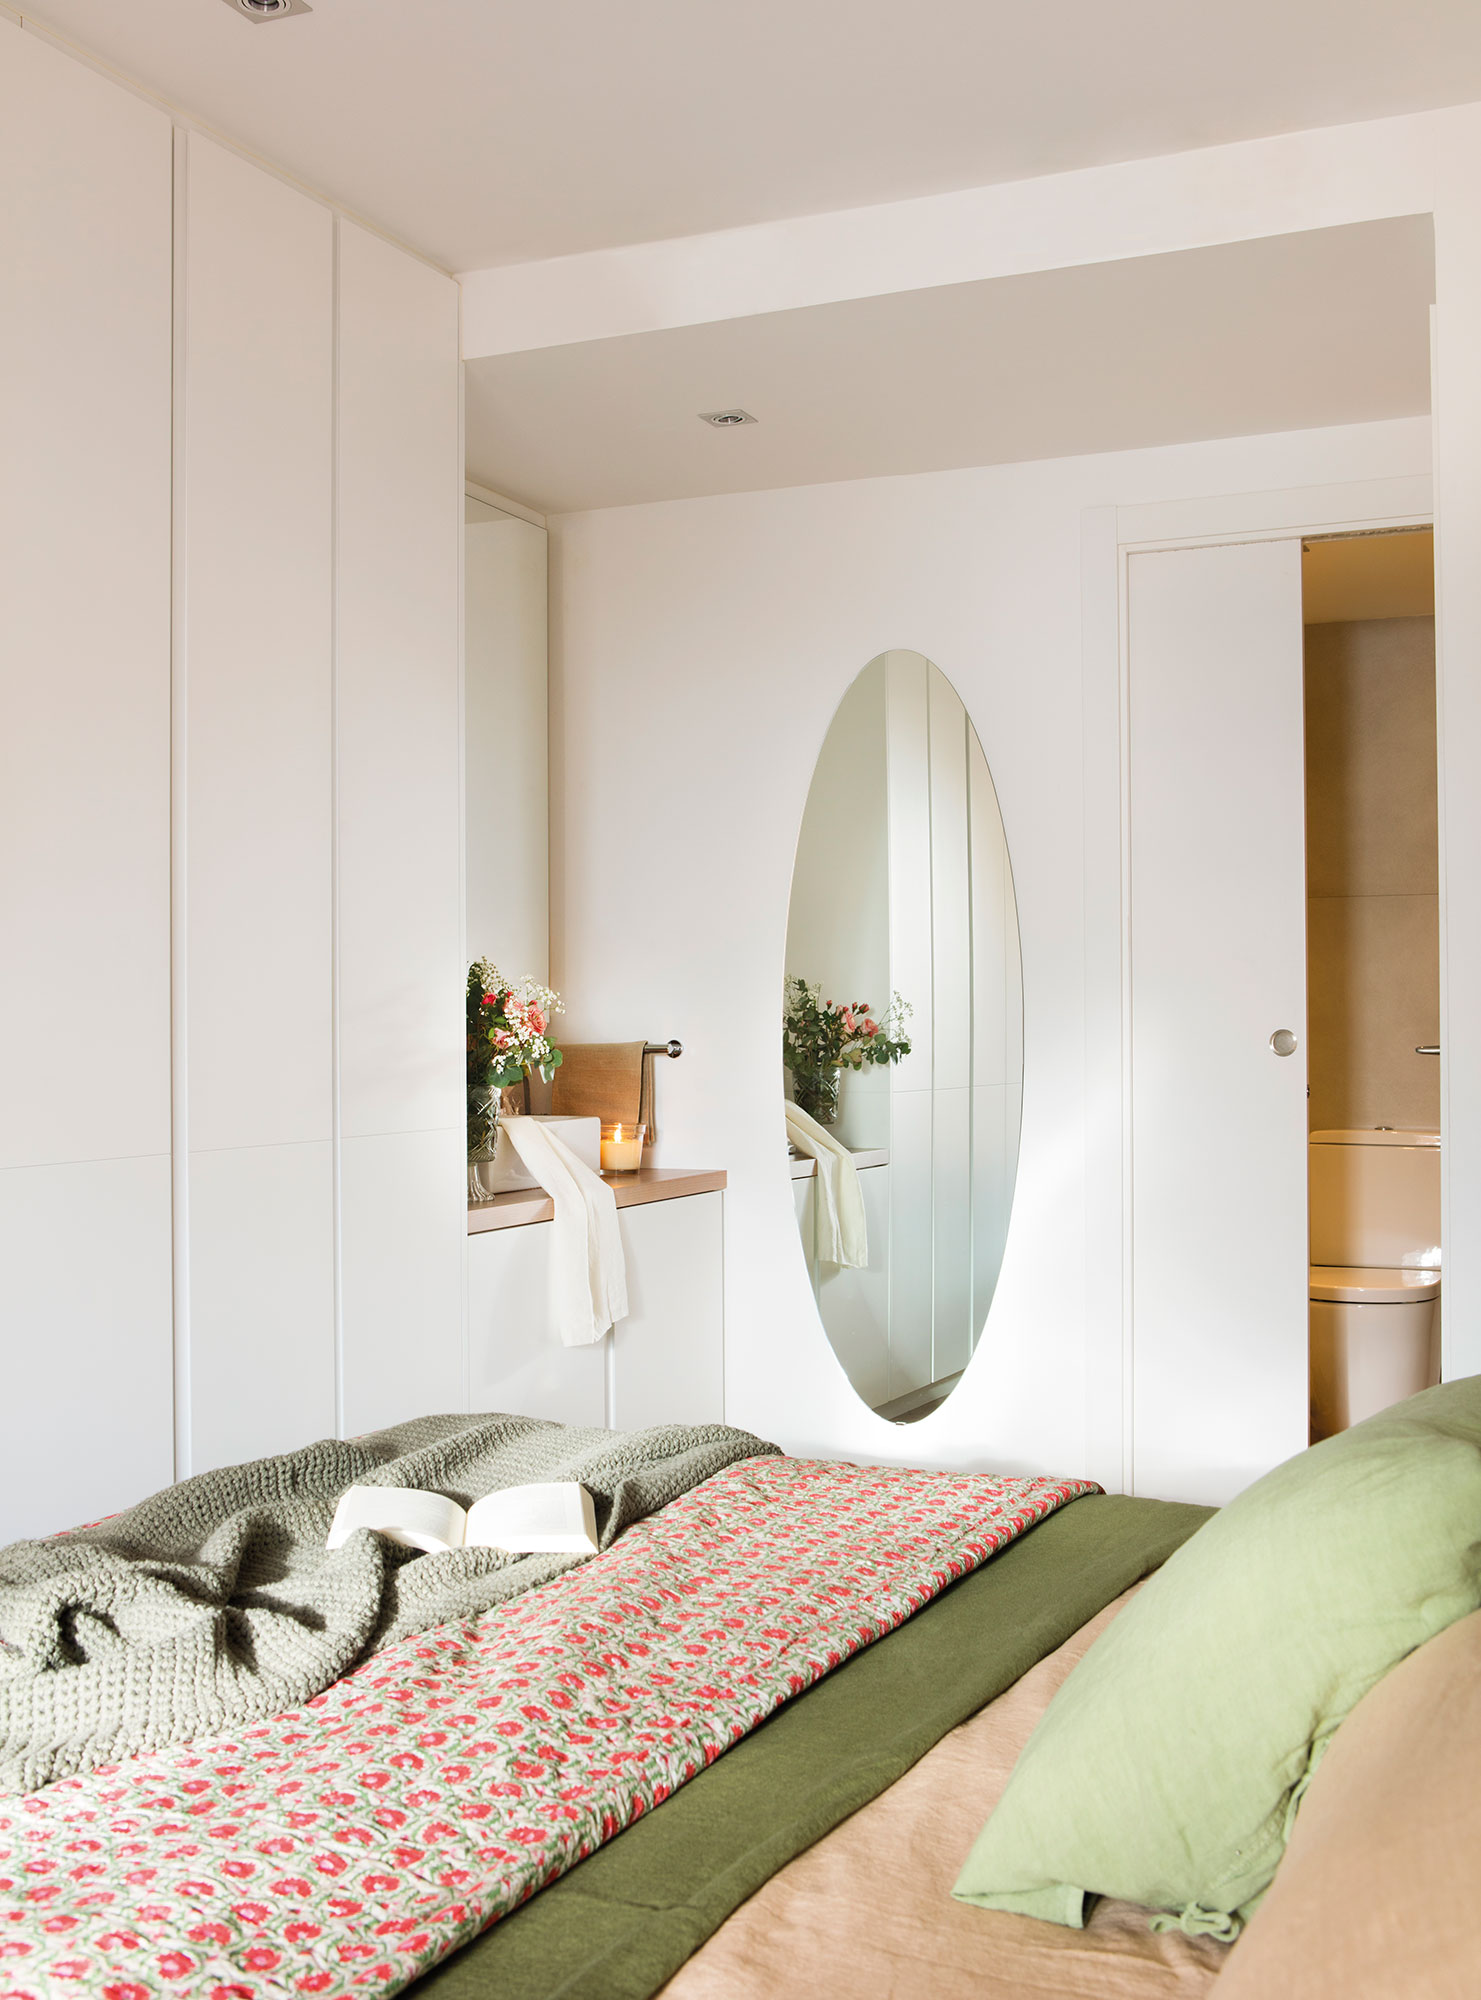 Dormitorio C Mo Decorarlo Y Aprovecharlo Mejor Seg N Los